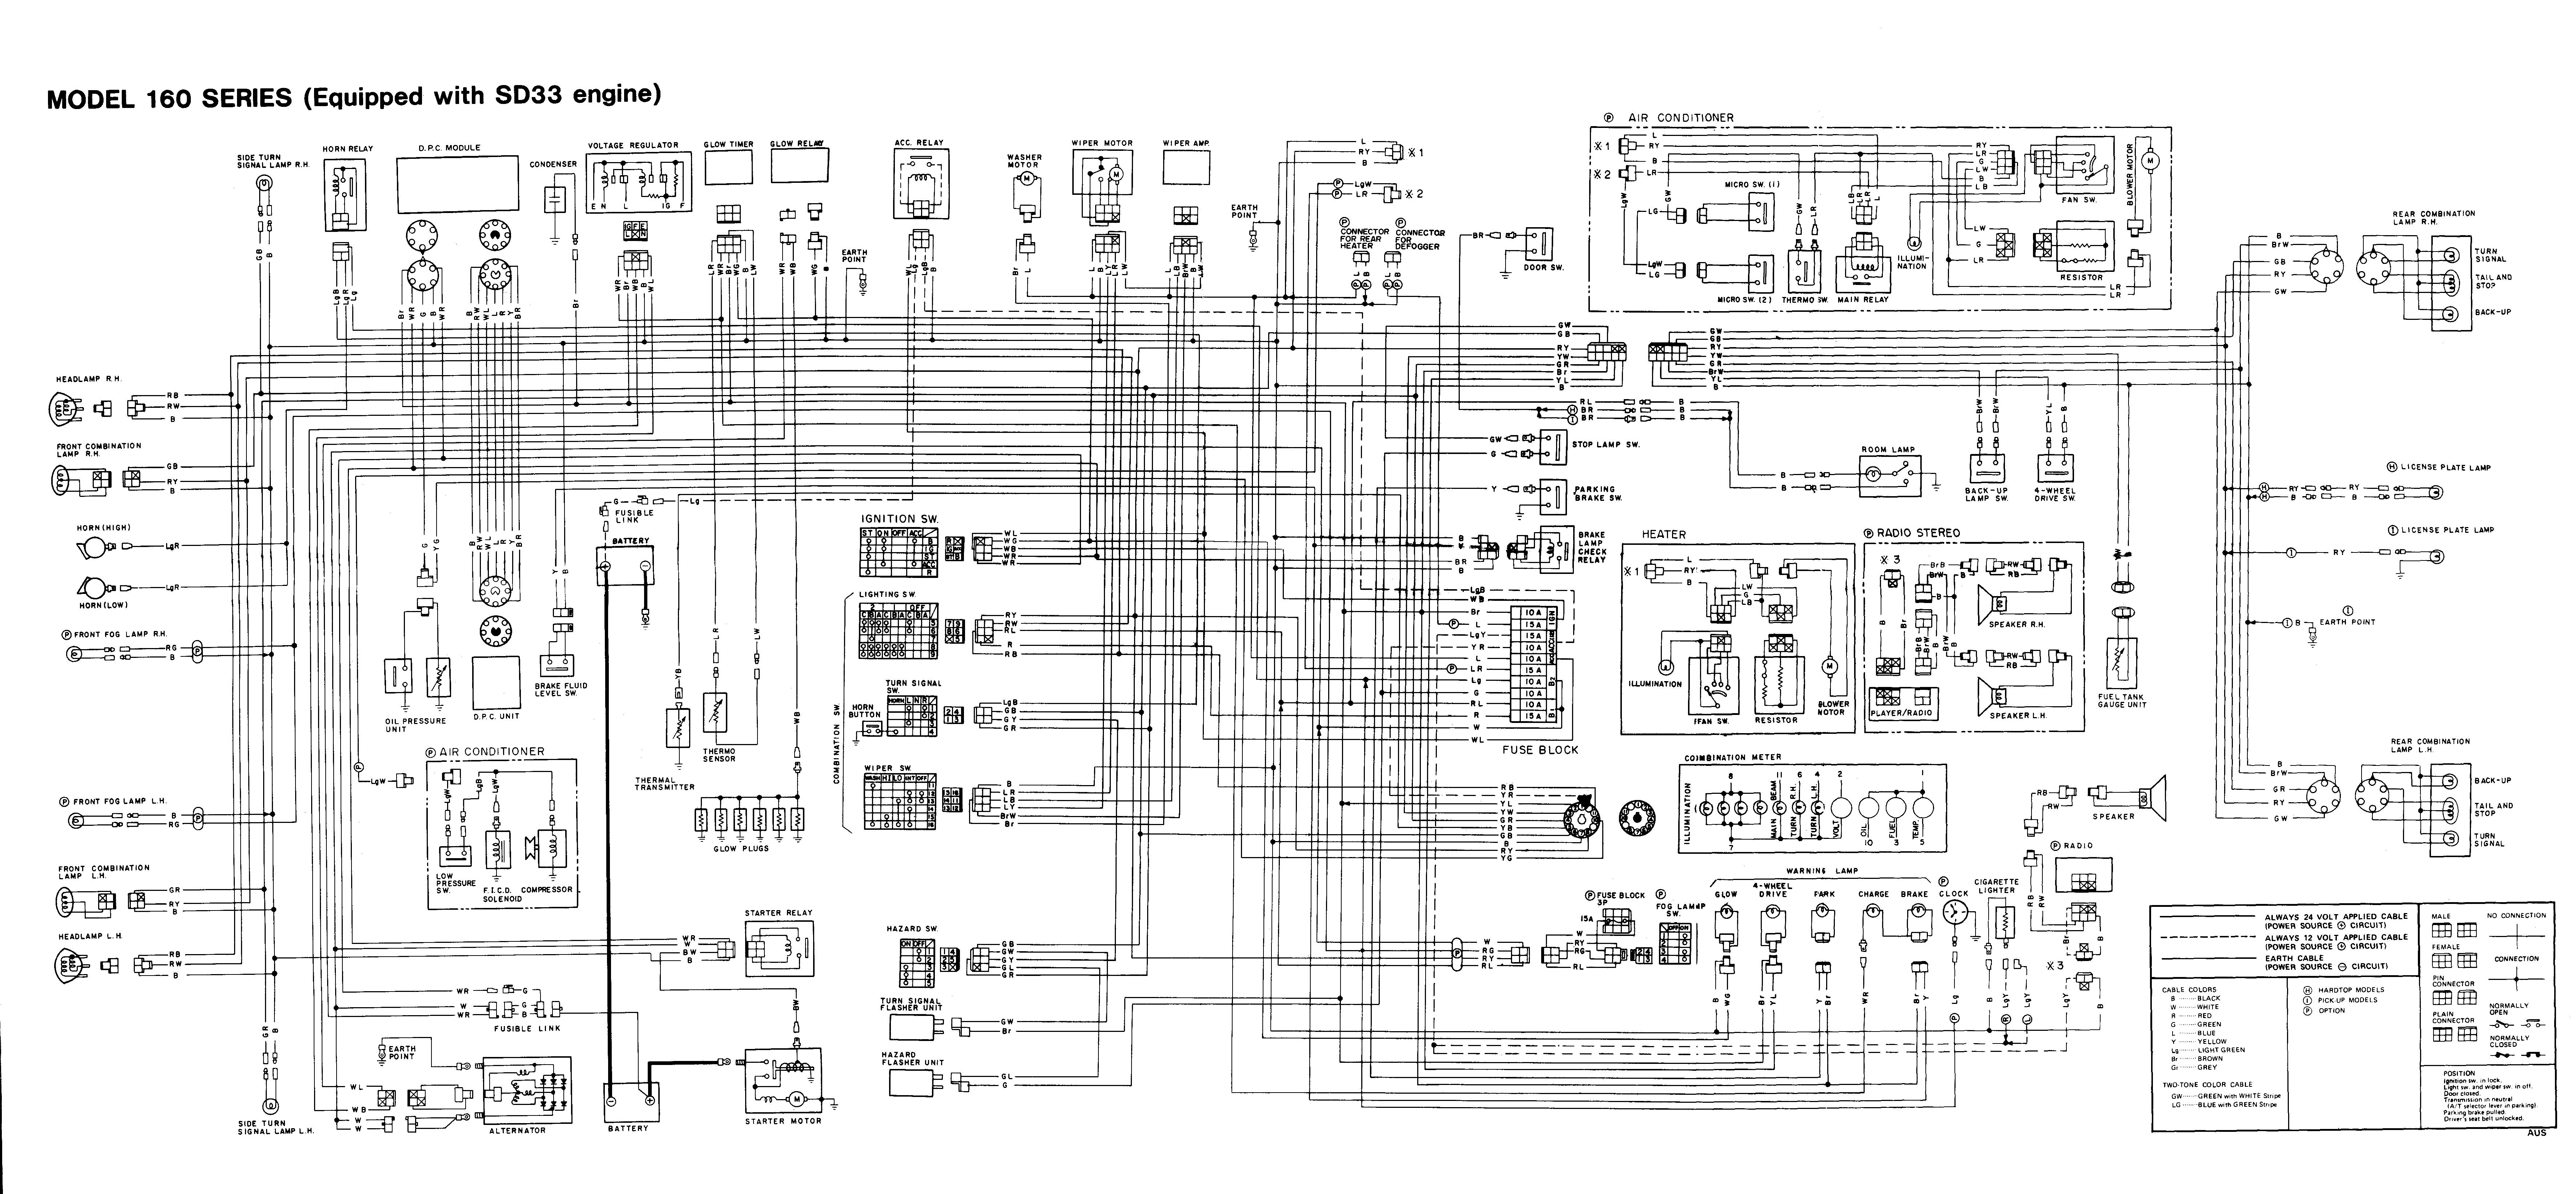 1988 volvo 240 radio wiring diagram 2006 gmc 1980 porsche 911 sc